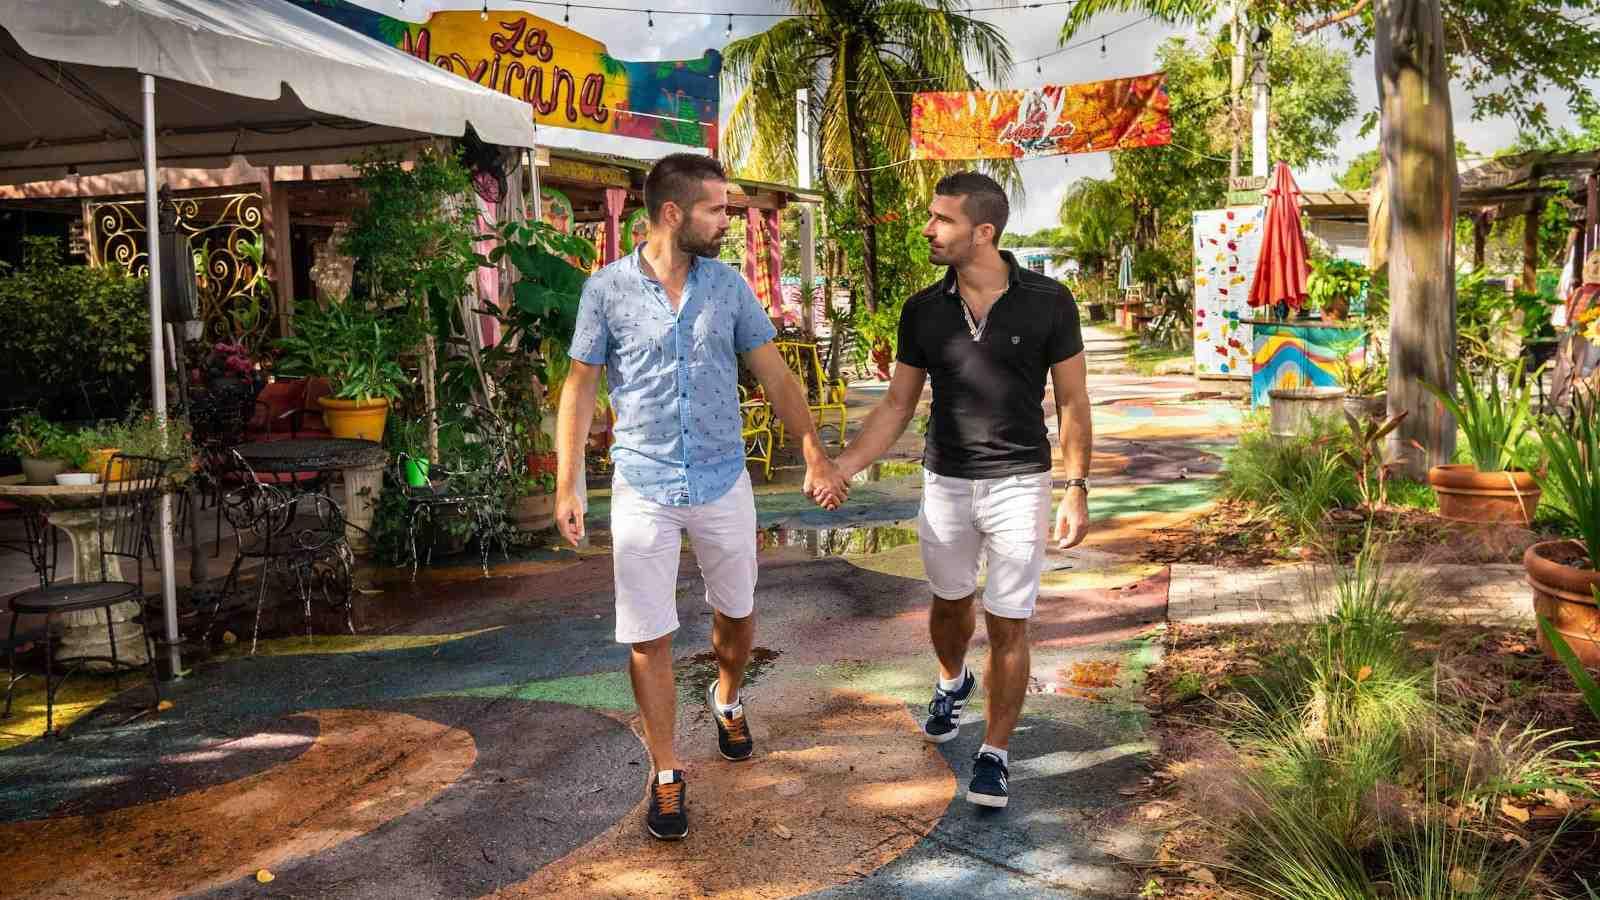 Não deixe de visitar o quarteirão boêmio de cafés e os coloridos locais amigáveis para gays ao longo dos Eucalyptus Gardens enquanto estiver em Fort Lauderdale